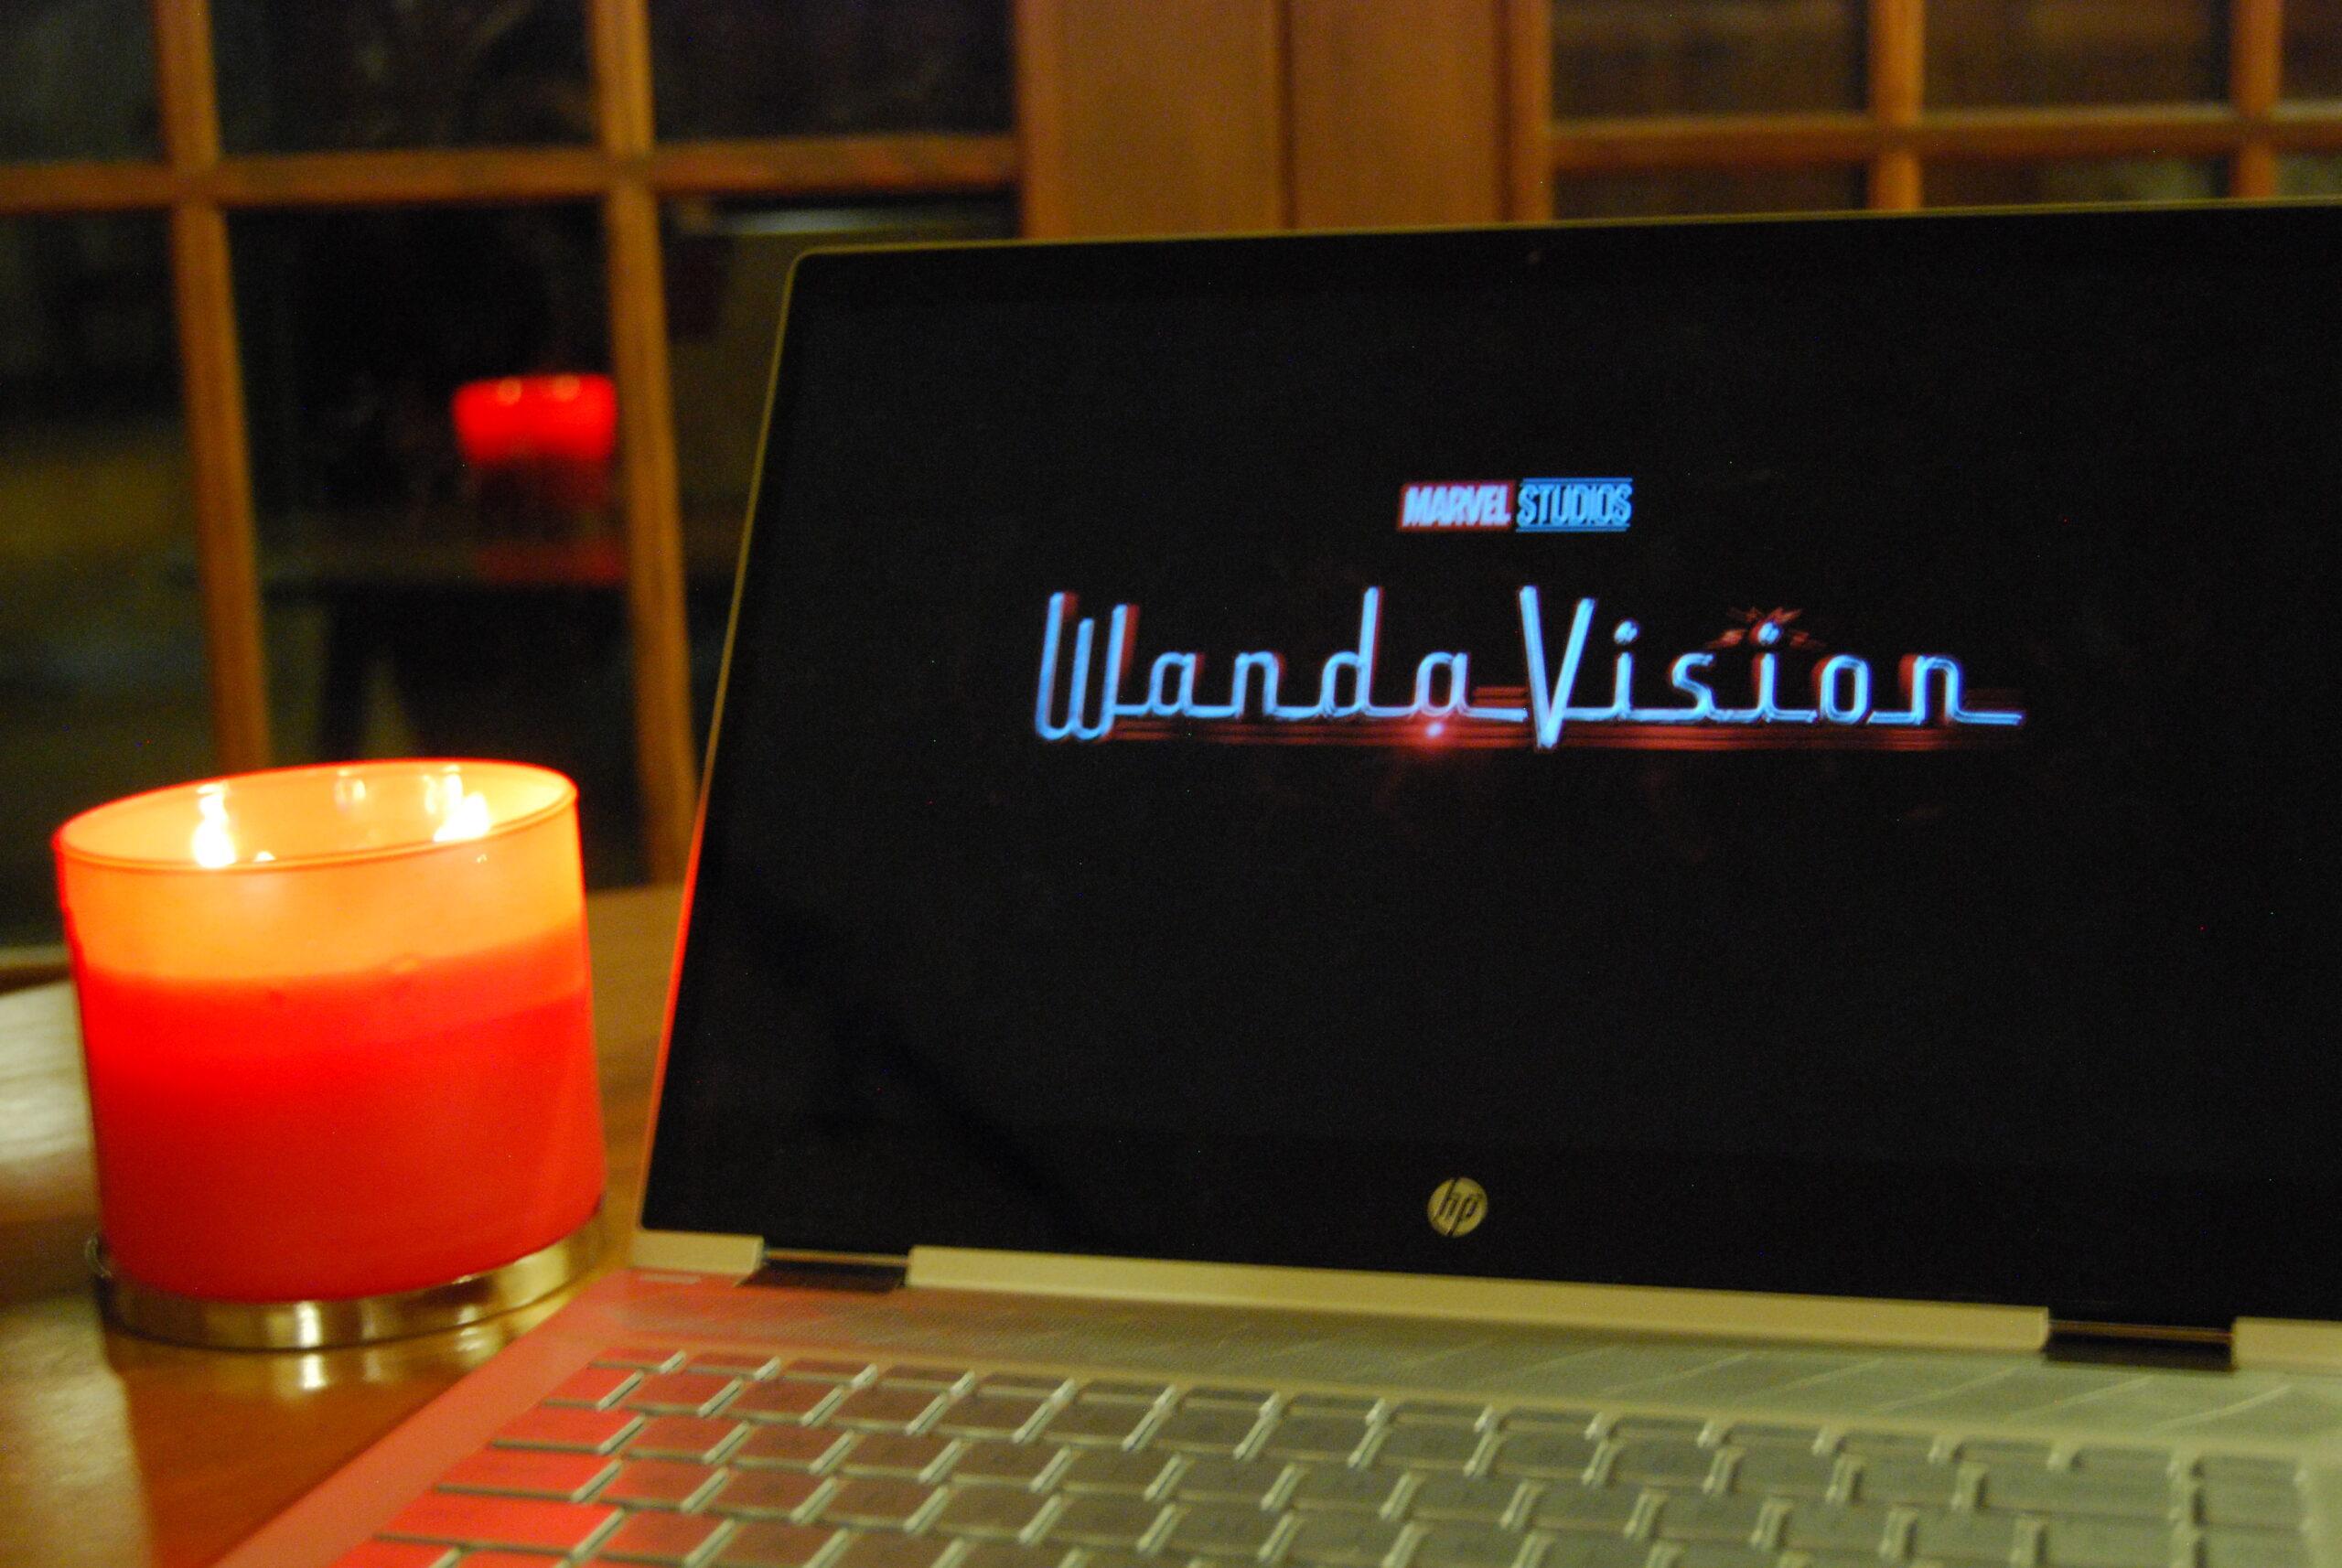 wandavision scaled.